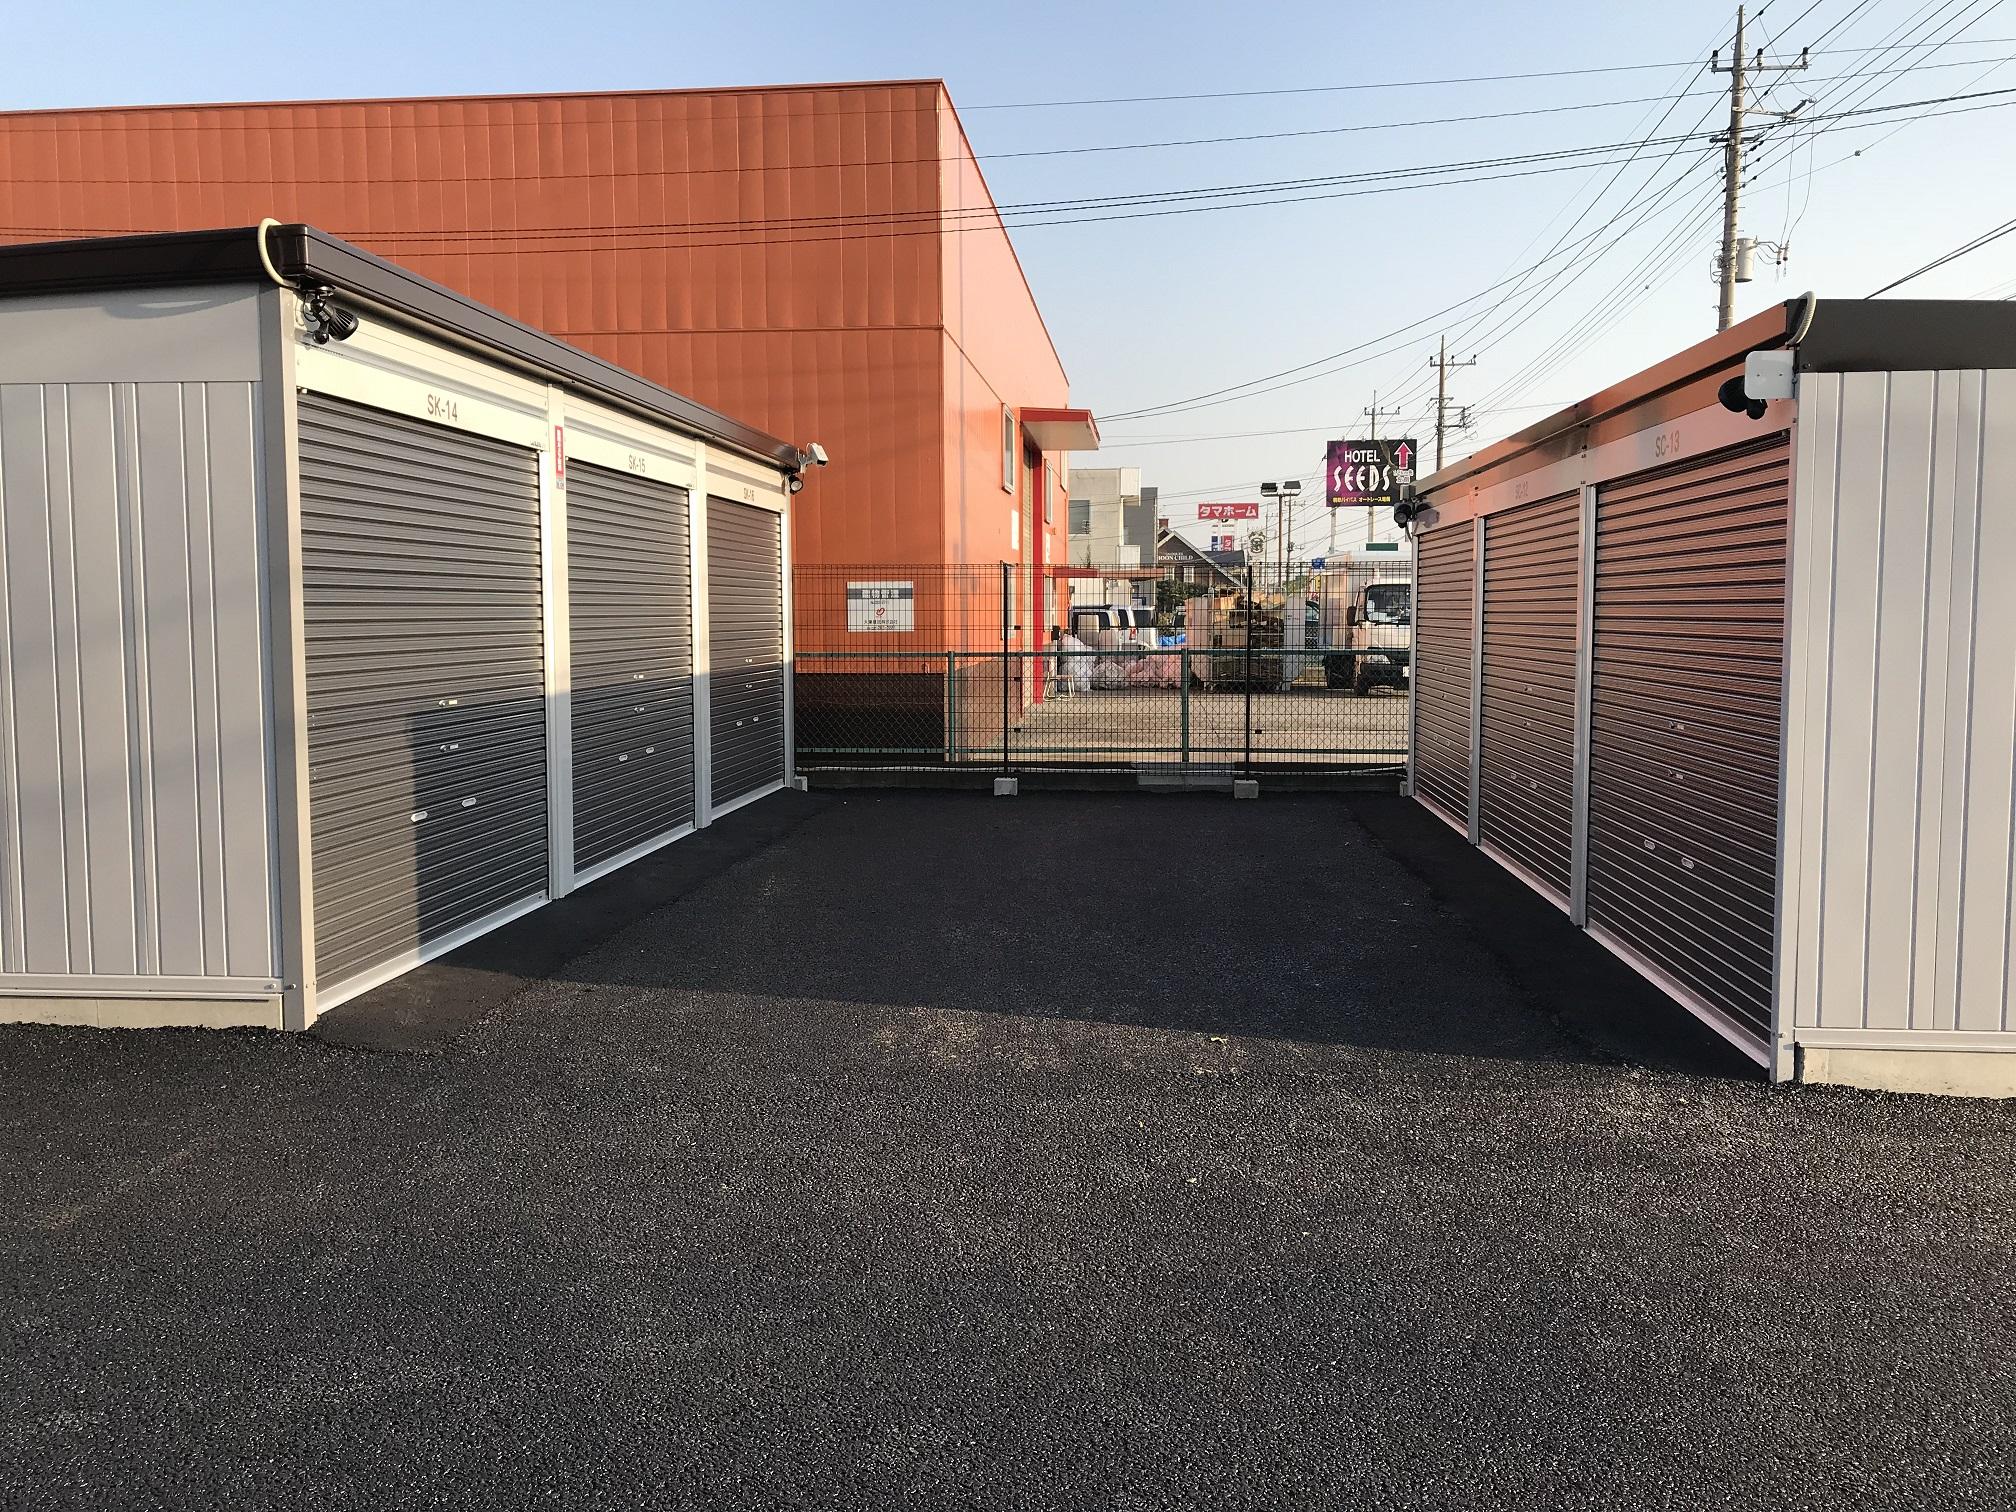 伊勢崎宮子店 共有スペースは十分に確保されています